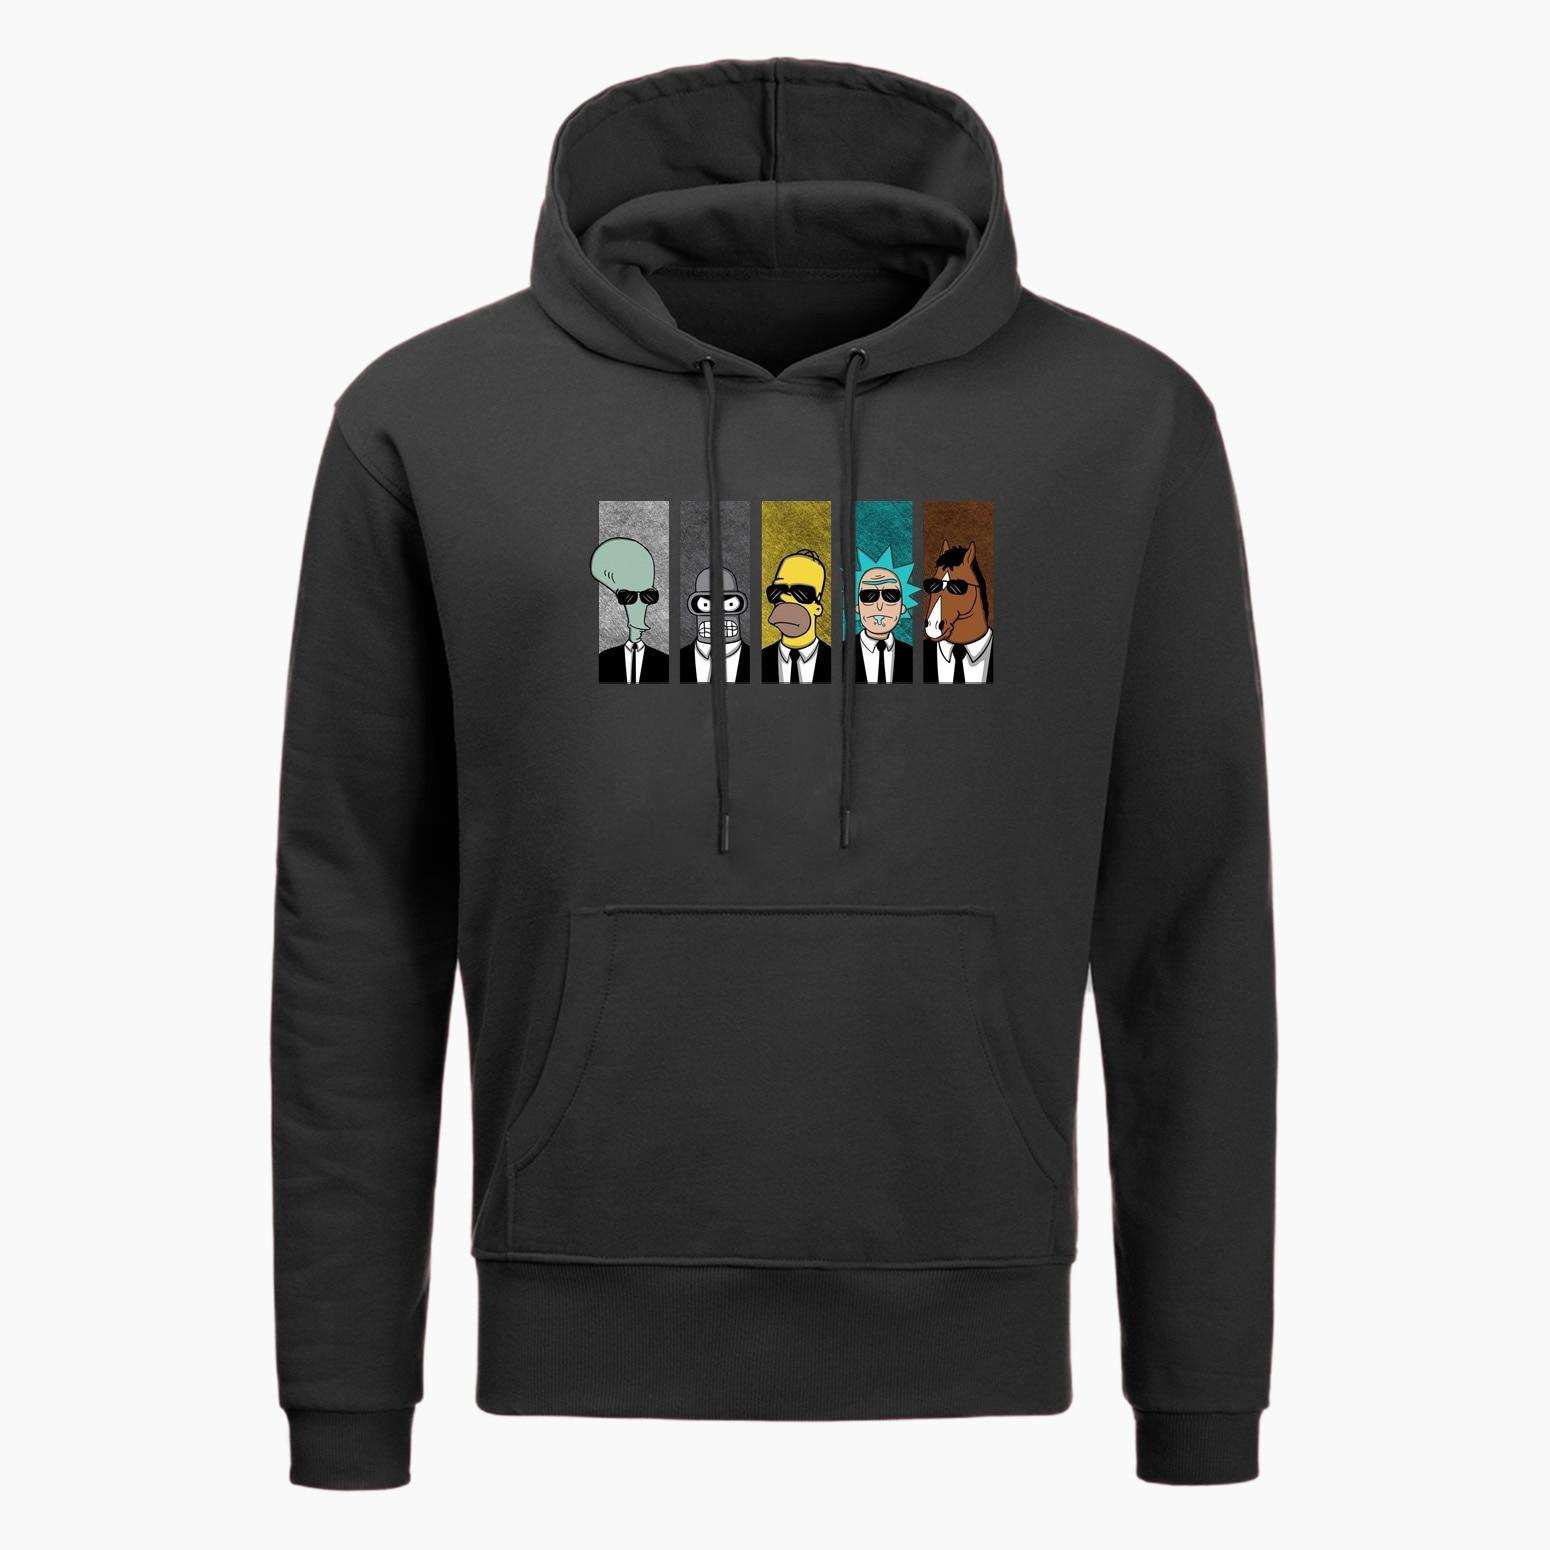 Rick And Morty Anime Hoodie Cool TV Tee Men Hoodies Couple Geek BoJack Horseman Hoodie Men Boyfriend